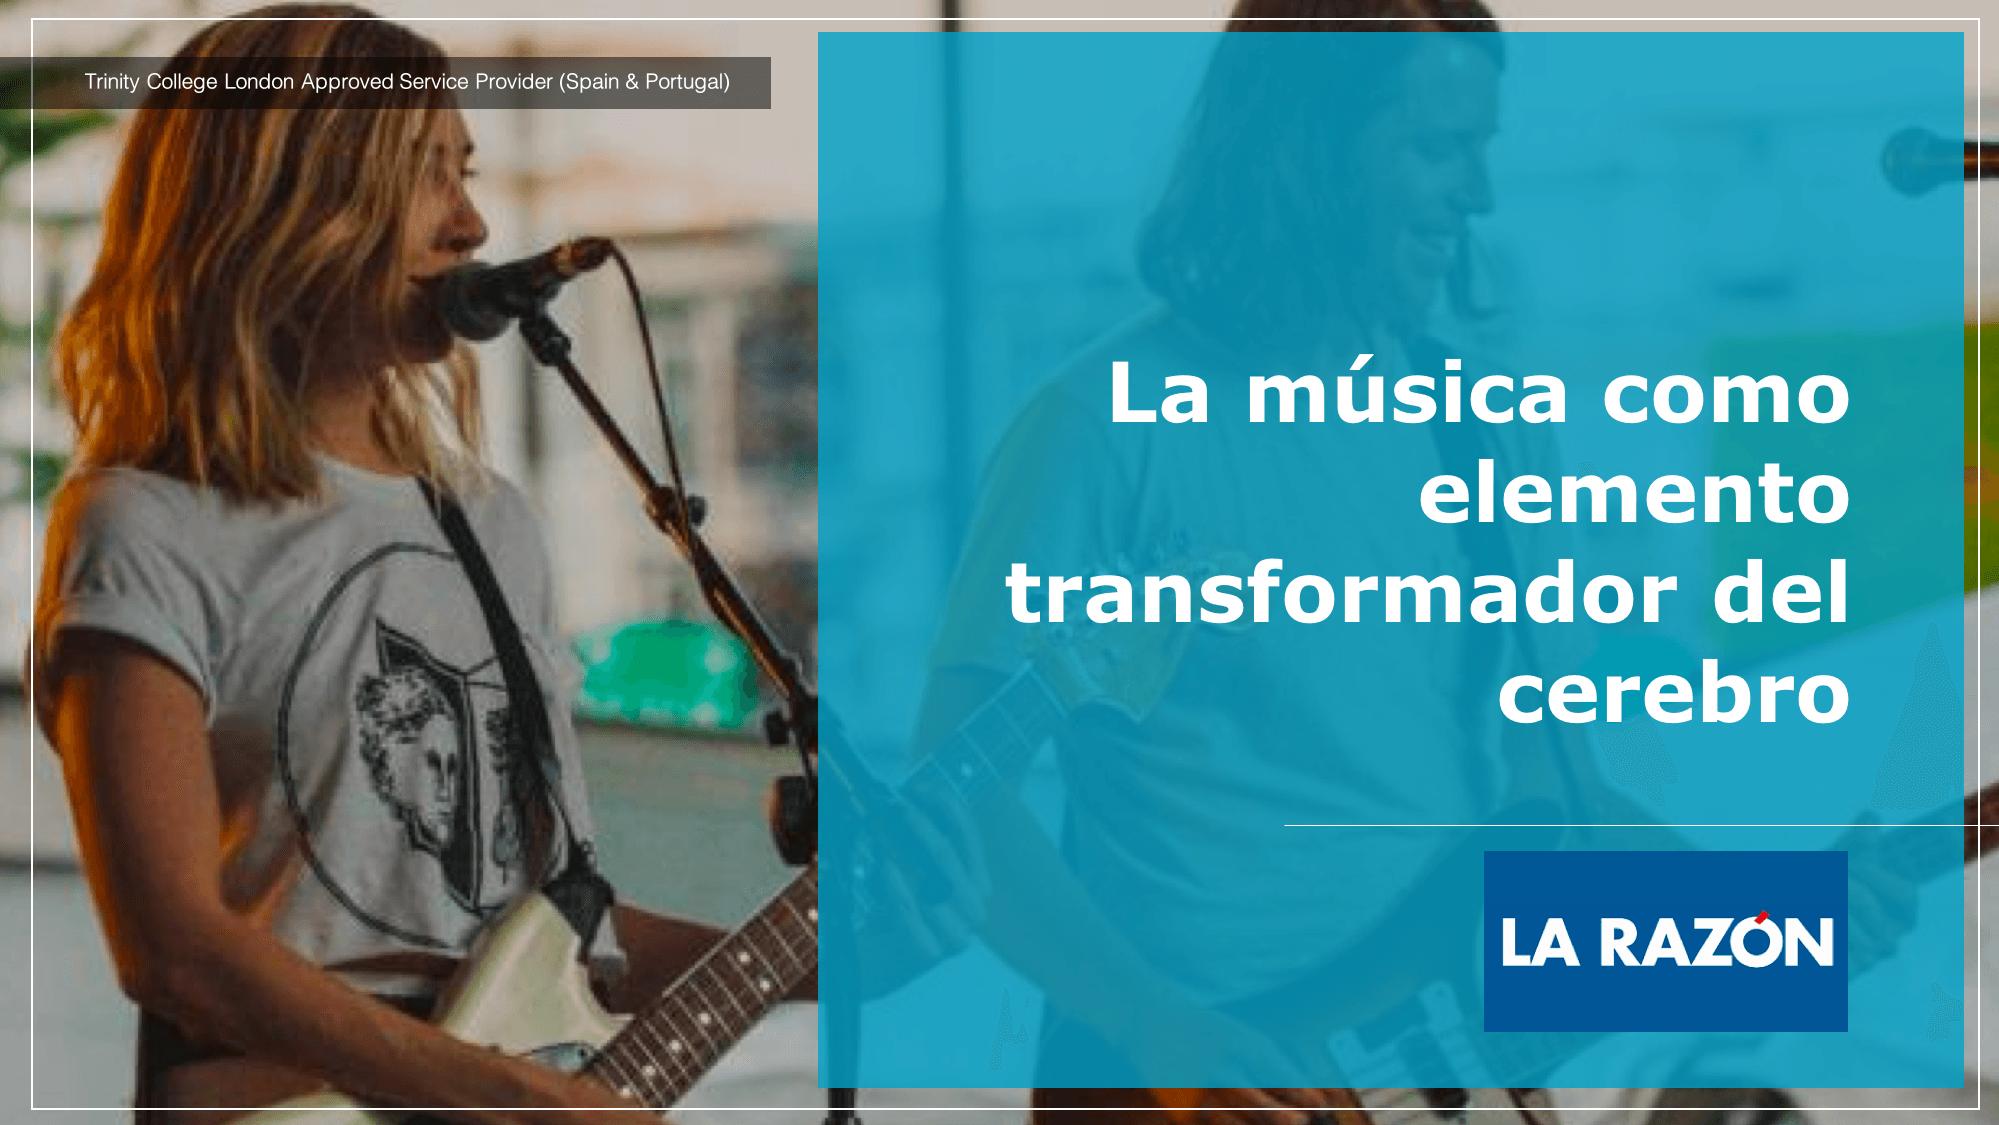 La música como elemento transformador del cerebro